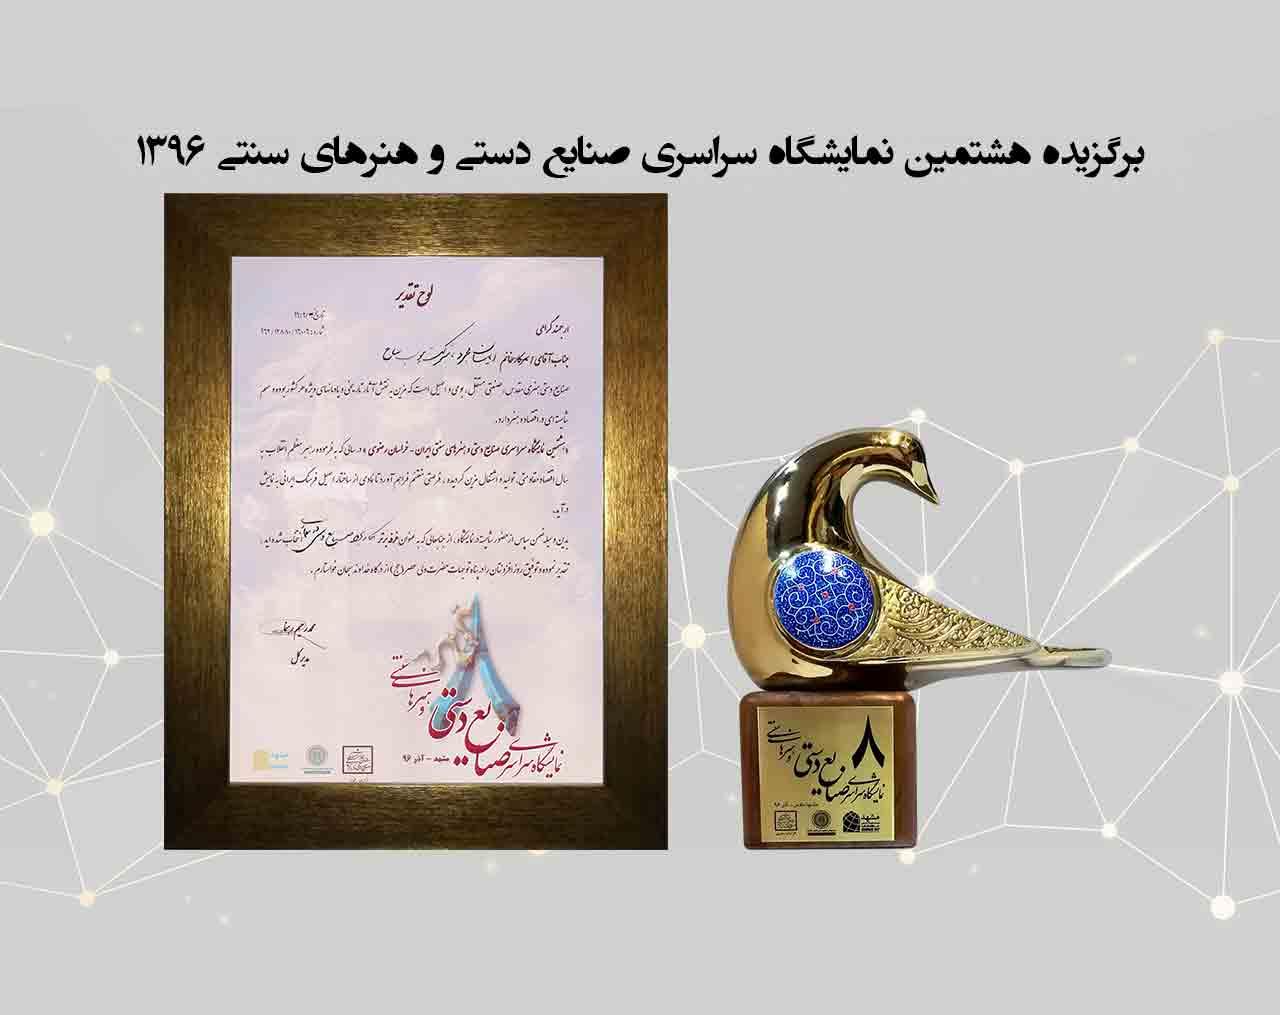 برگزیده هشتمین نمایشگاه سراسری صنایع دستی و هنرهای سنتی صنایع چوب ساج سال 1396